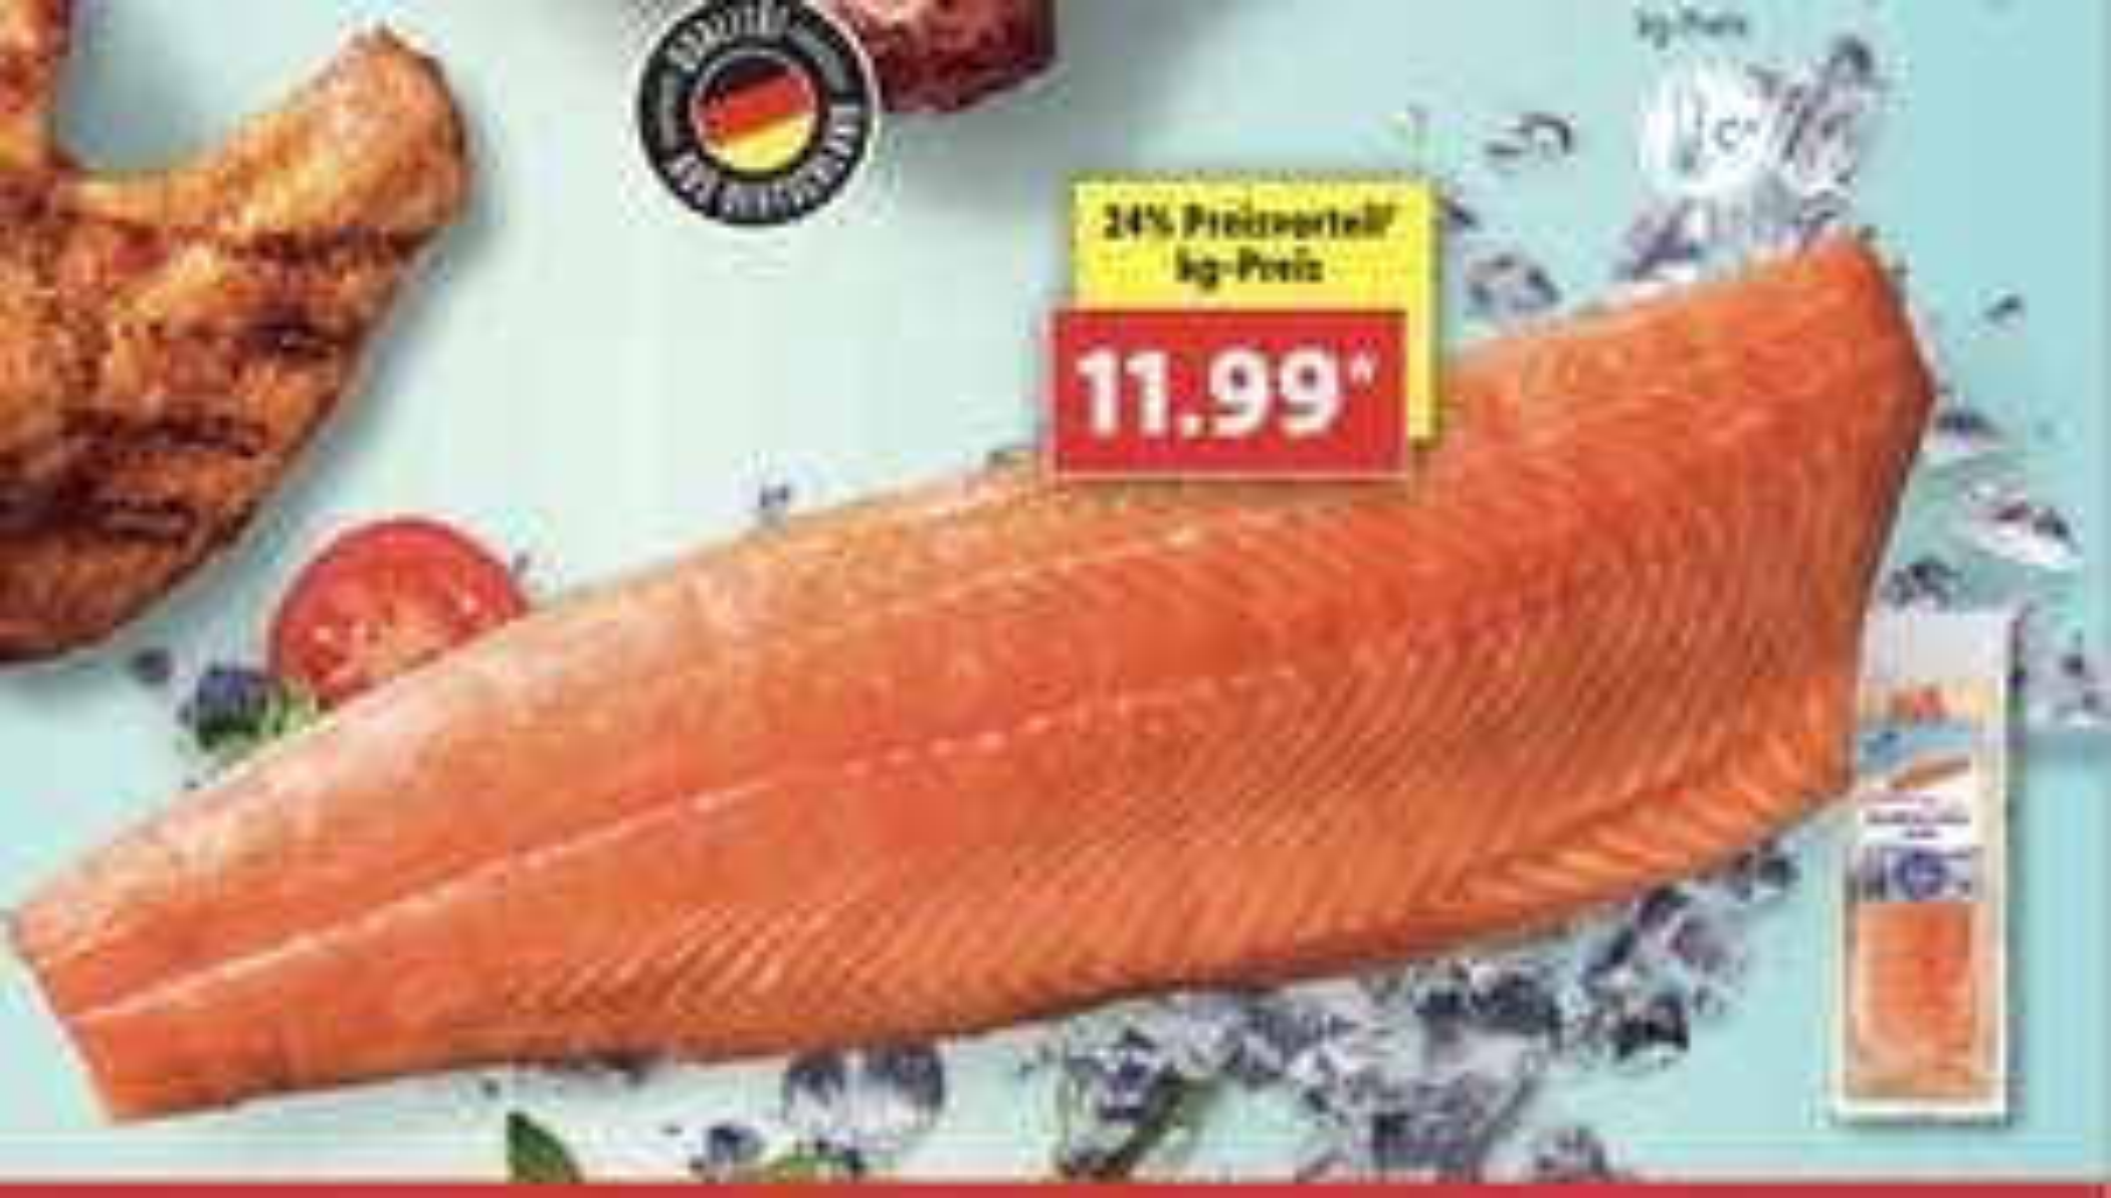 Norwegisches Lachsfilet Preis je kg nur 11,99€ - Packung ca. 1000g. Stücke [Lidl]